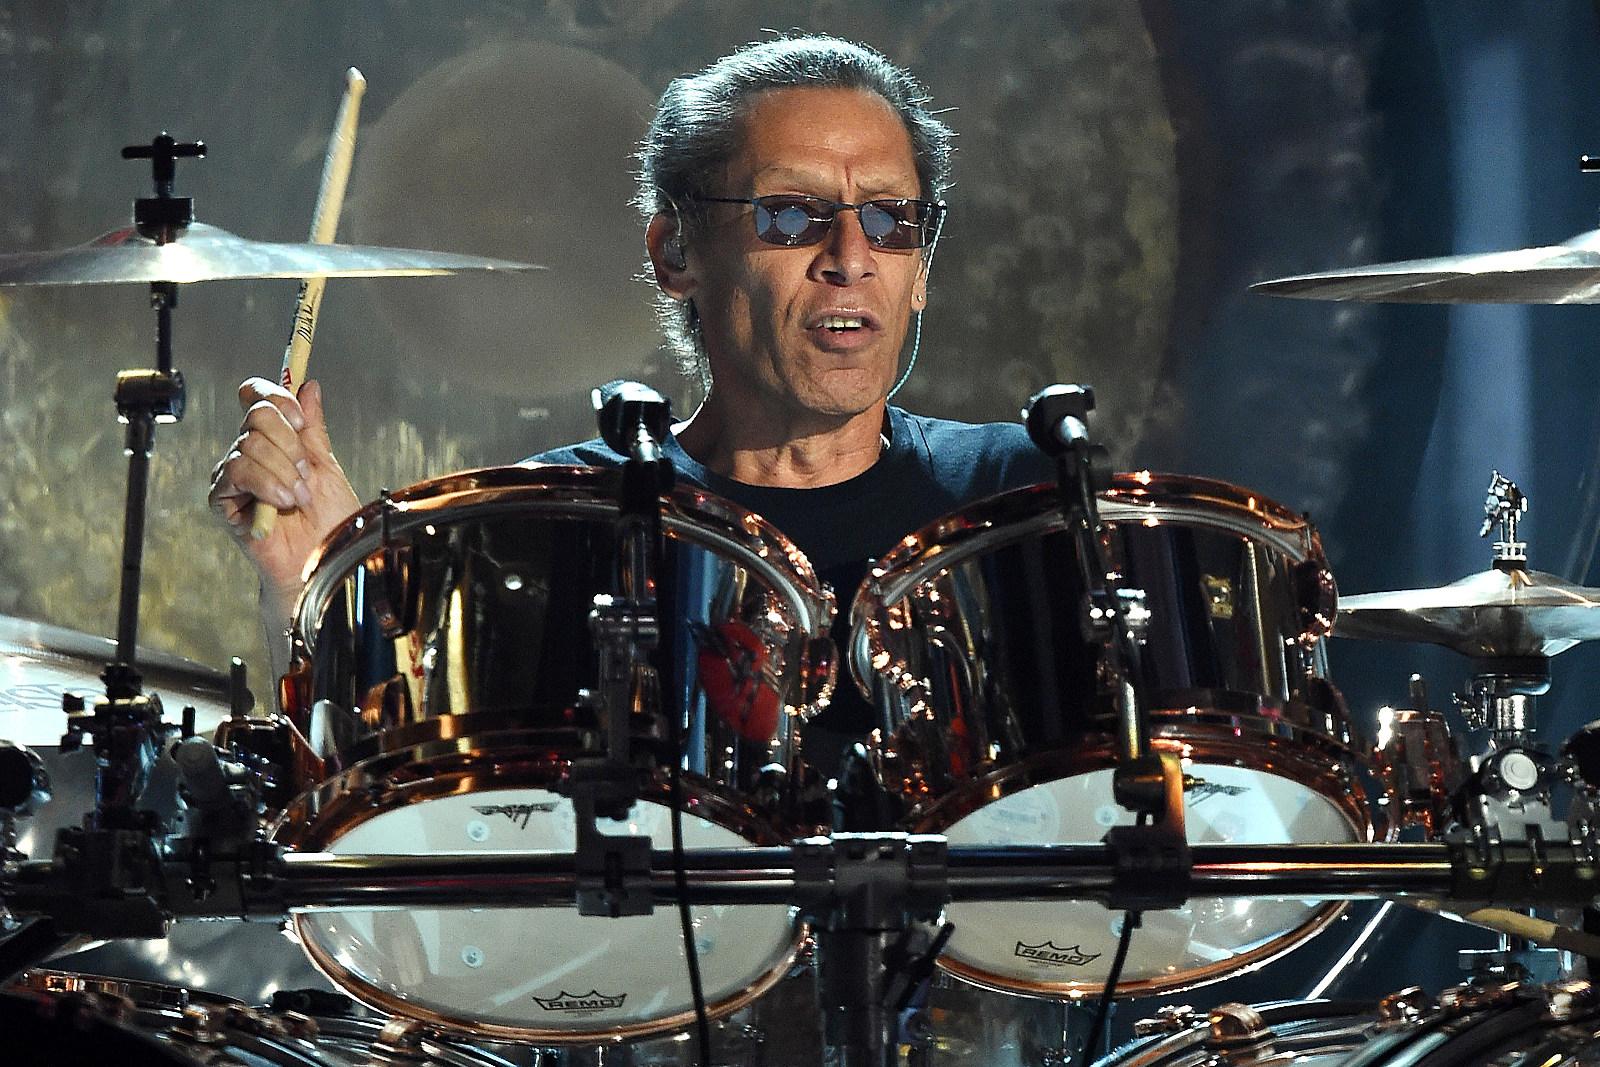 Alex Van Halen Is 'Not in the Business of Bulls---ting' Online